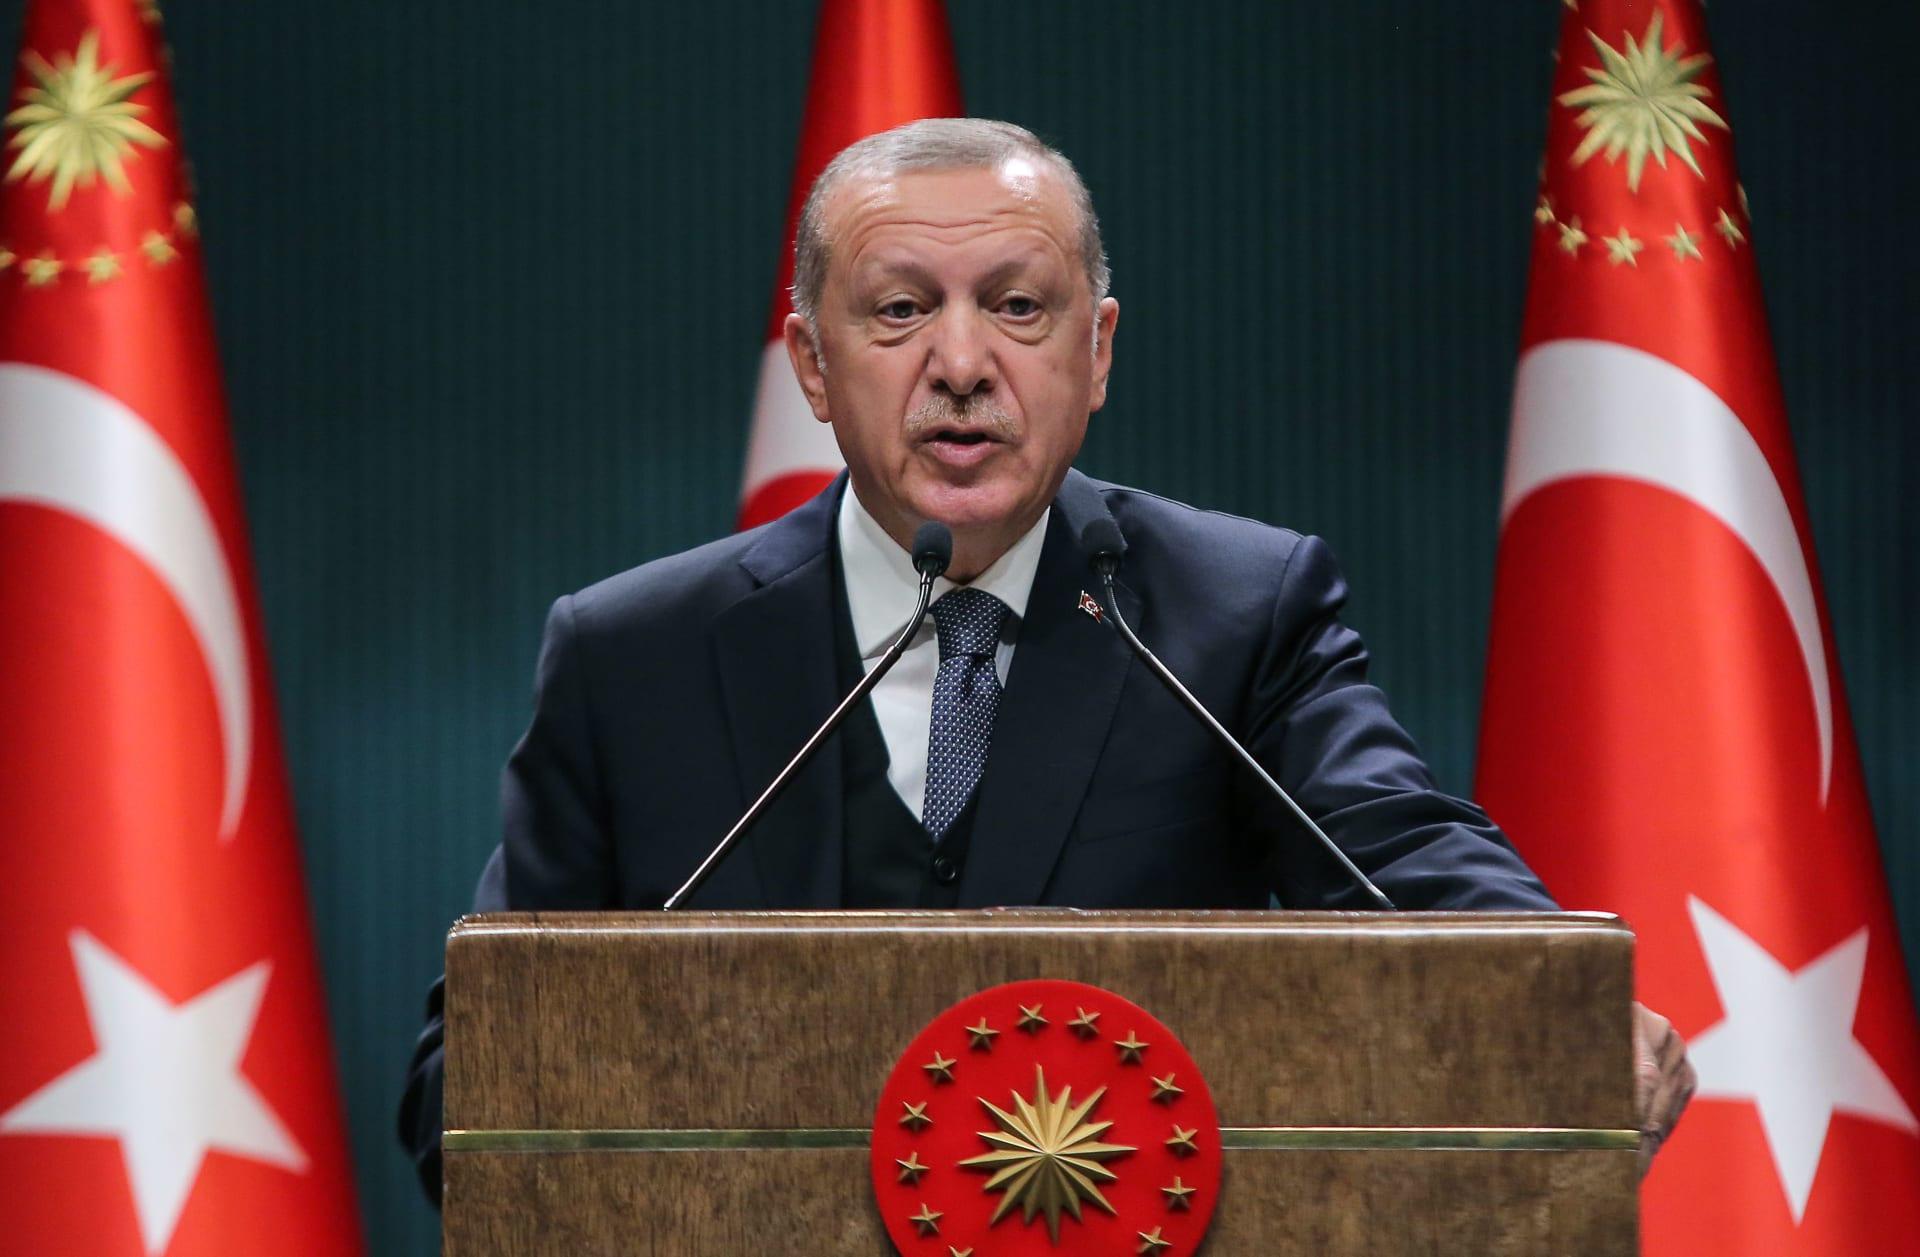 """أردوغان بعد تفويض البرلمان المصري للسيسي بالتدخل العسكري في ليبيا: """"يجب ألا يتحمس أحد"""""""